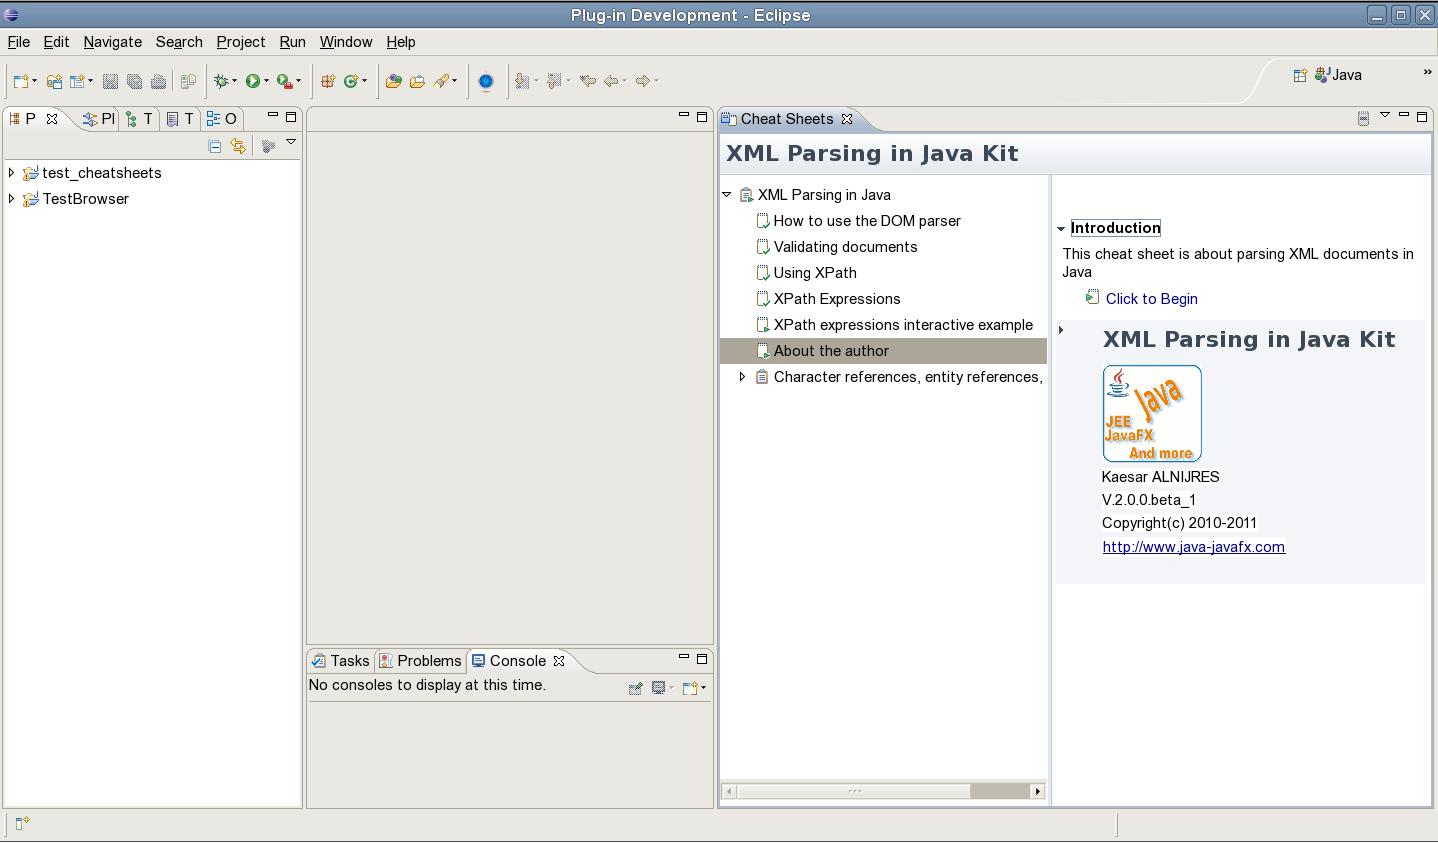 Jcafe Info Xml Parsing In Java Kit Eclipse Plug In